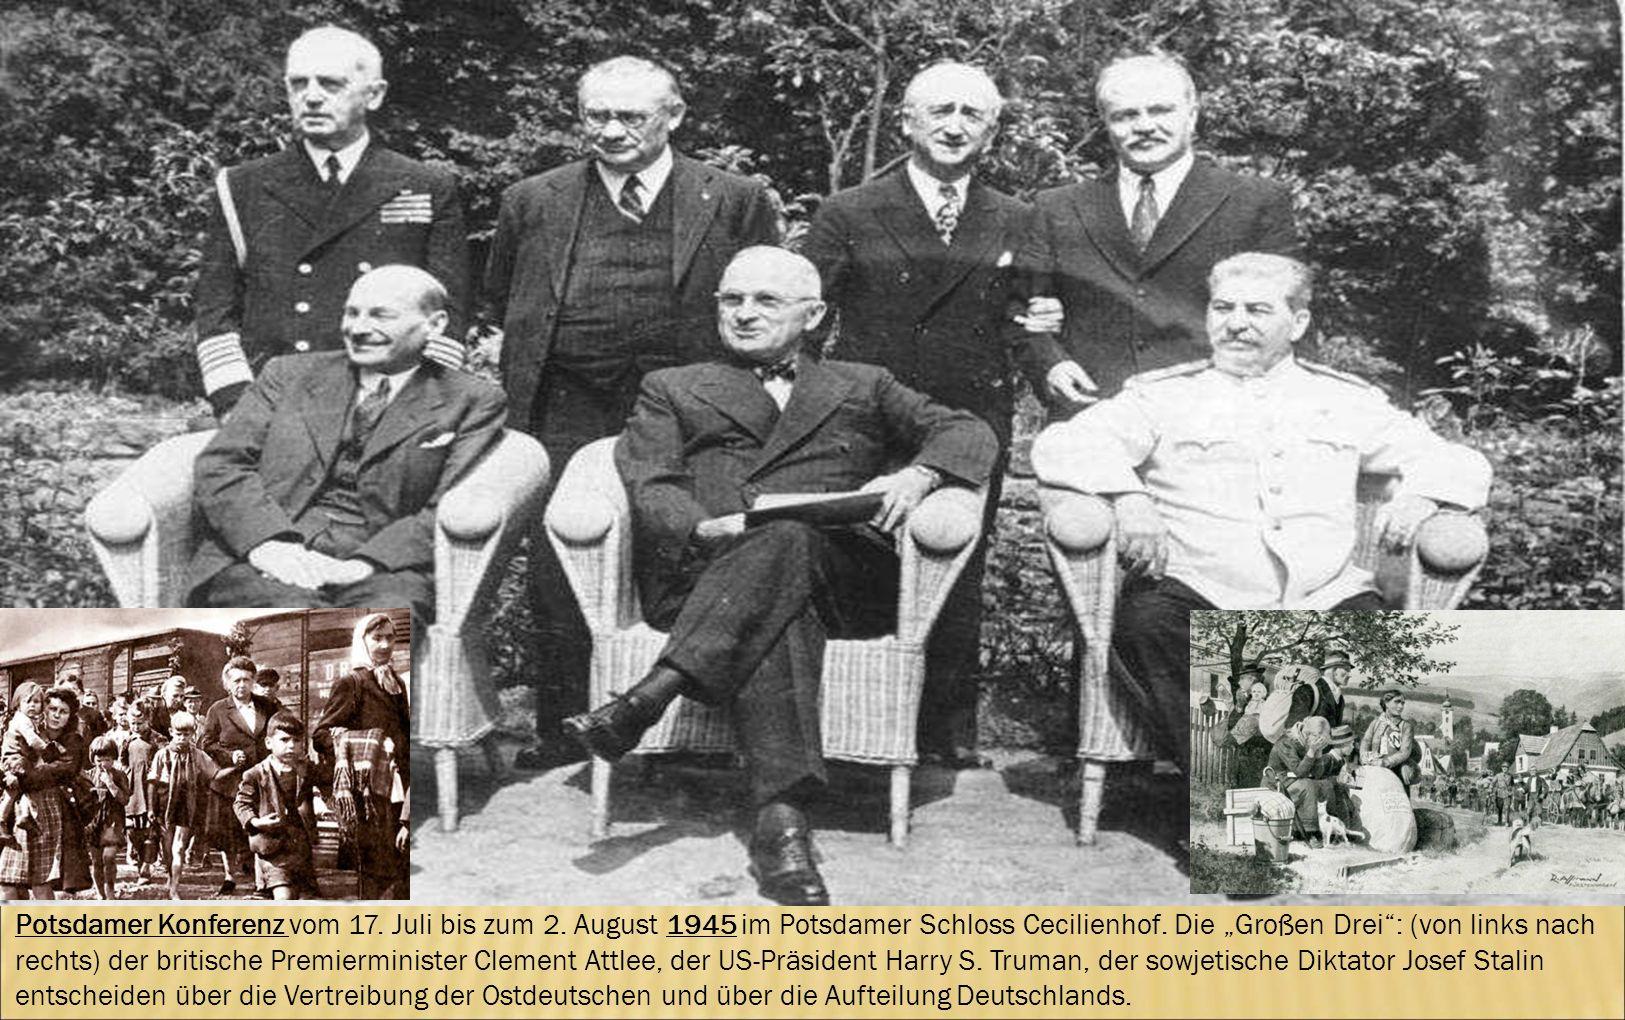 Potsdamer Konferenz vom 17. Juli bis zum 2